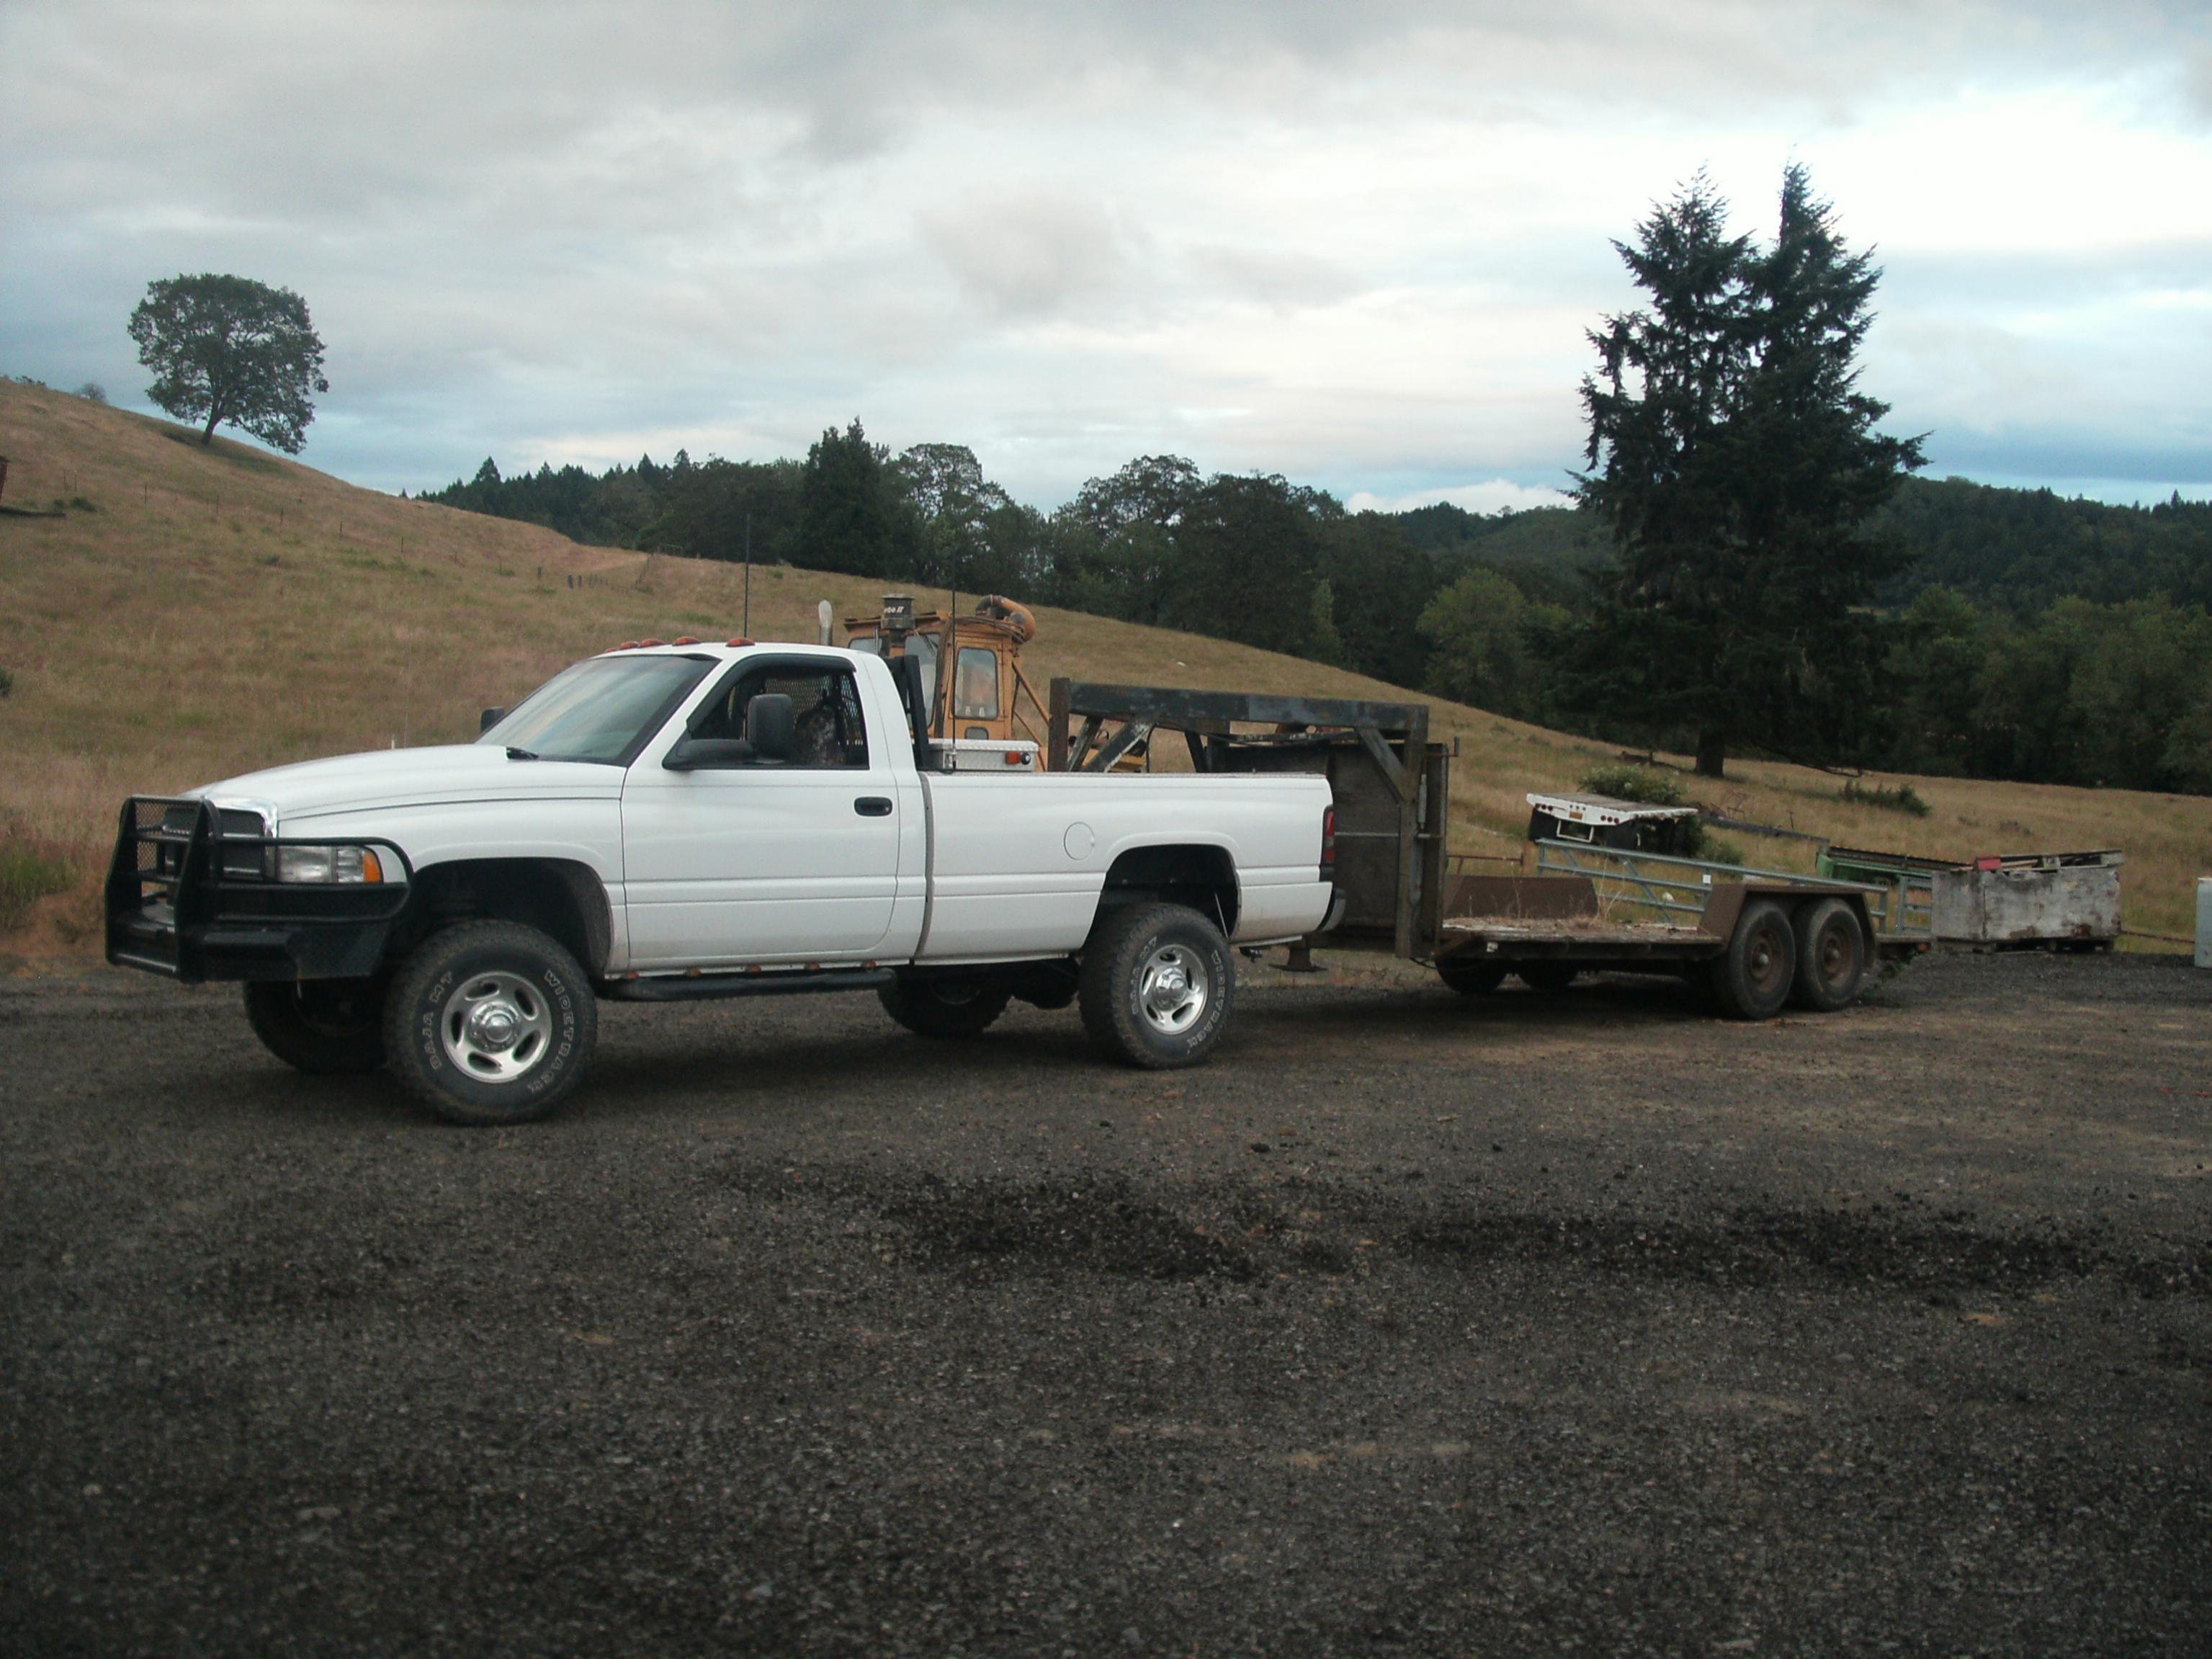 Wyo Truck For Sale 01 2500 6 Speed Dodge Cummins Diesel Forum